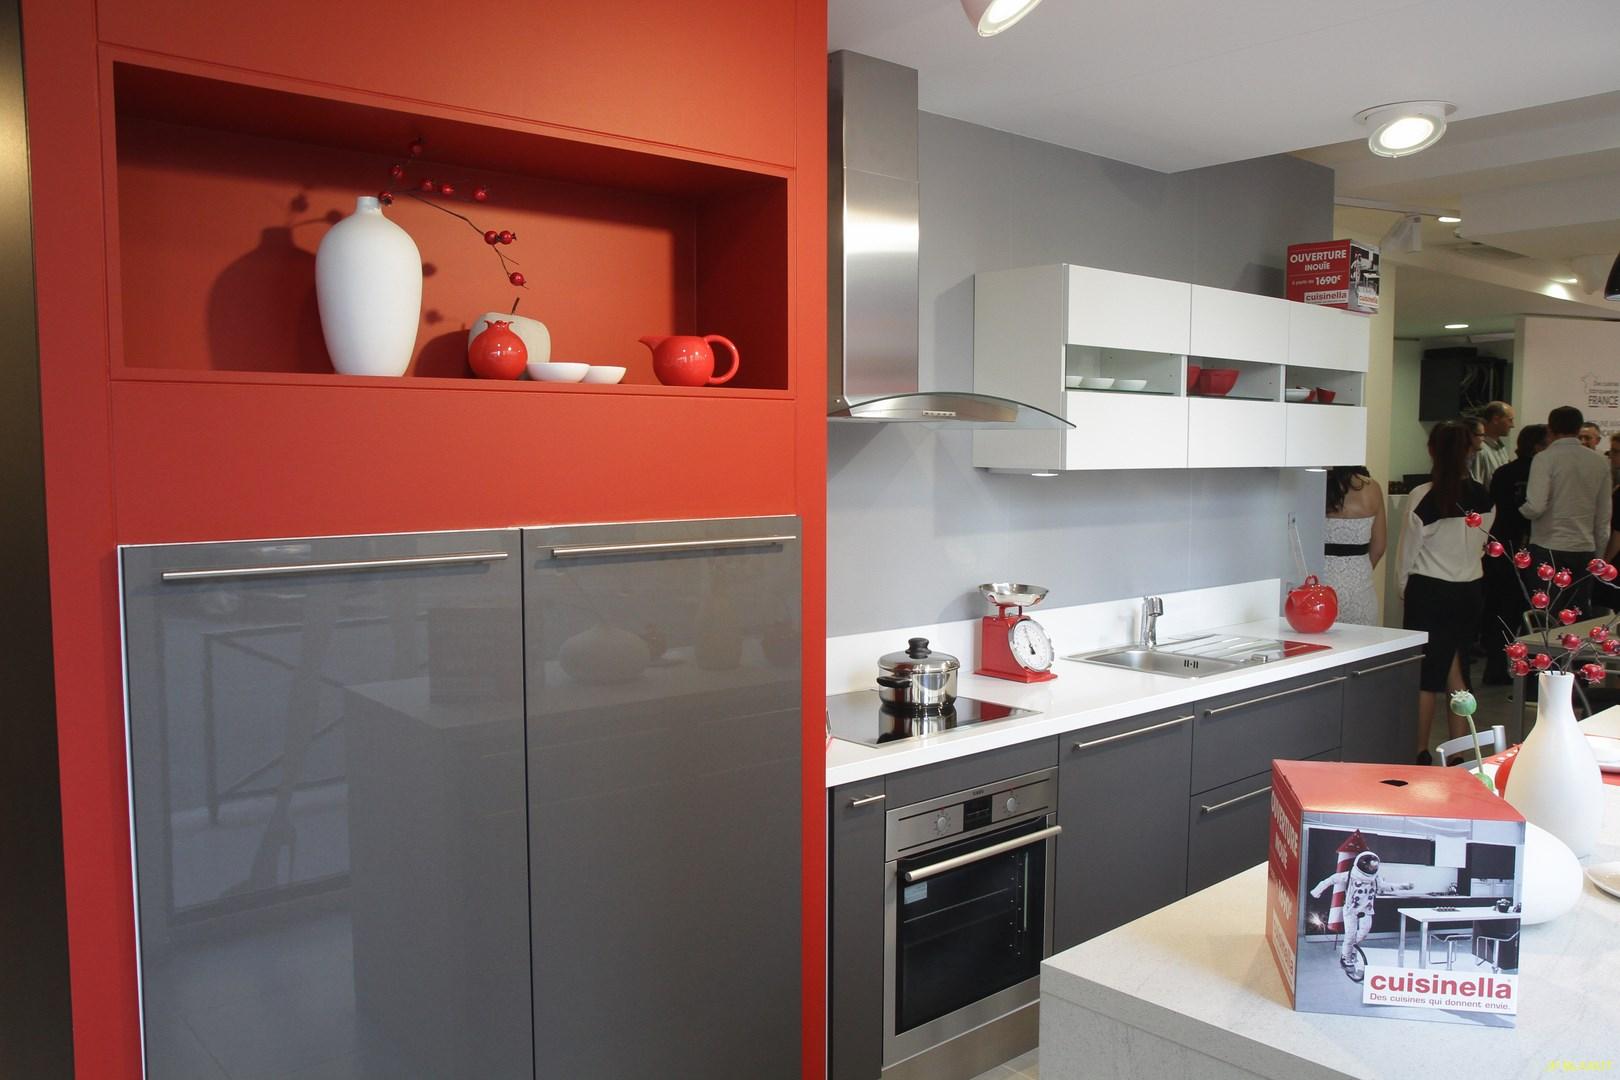 ouverture d un magasin cuisinella levallois 92. Black Bedroom Furniture Sets. Home Design Ideas